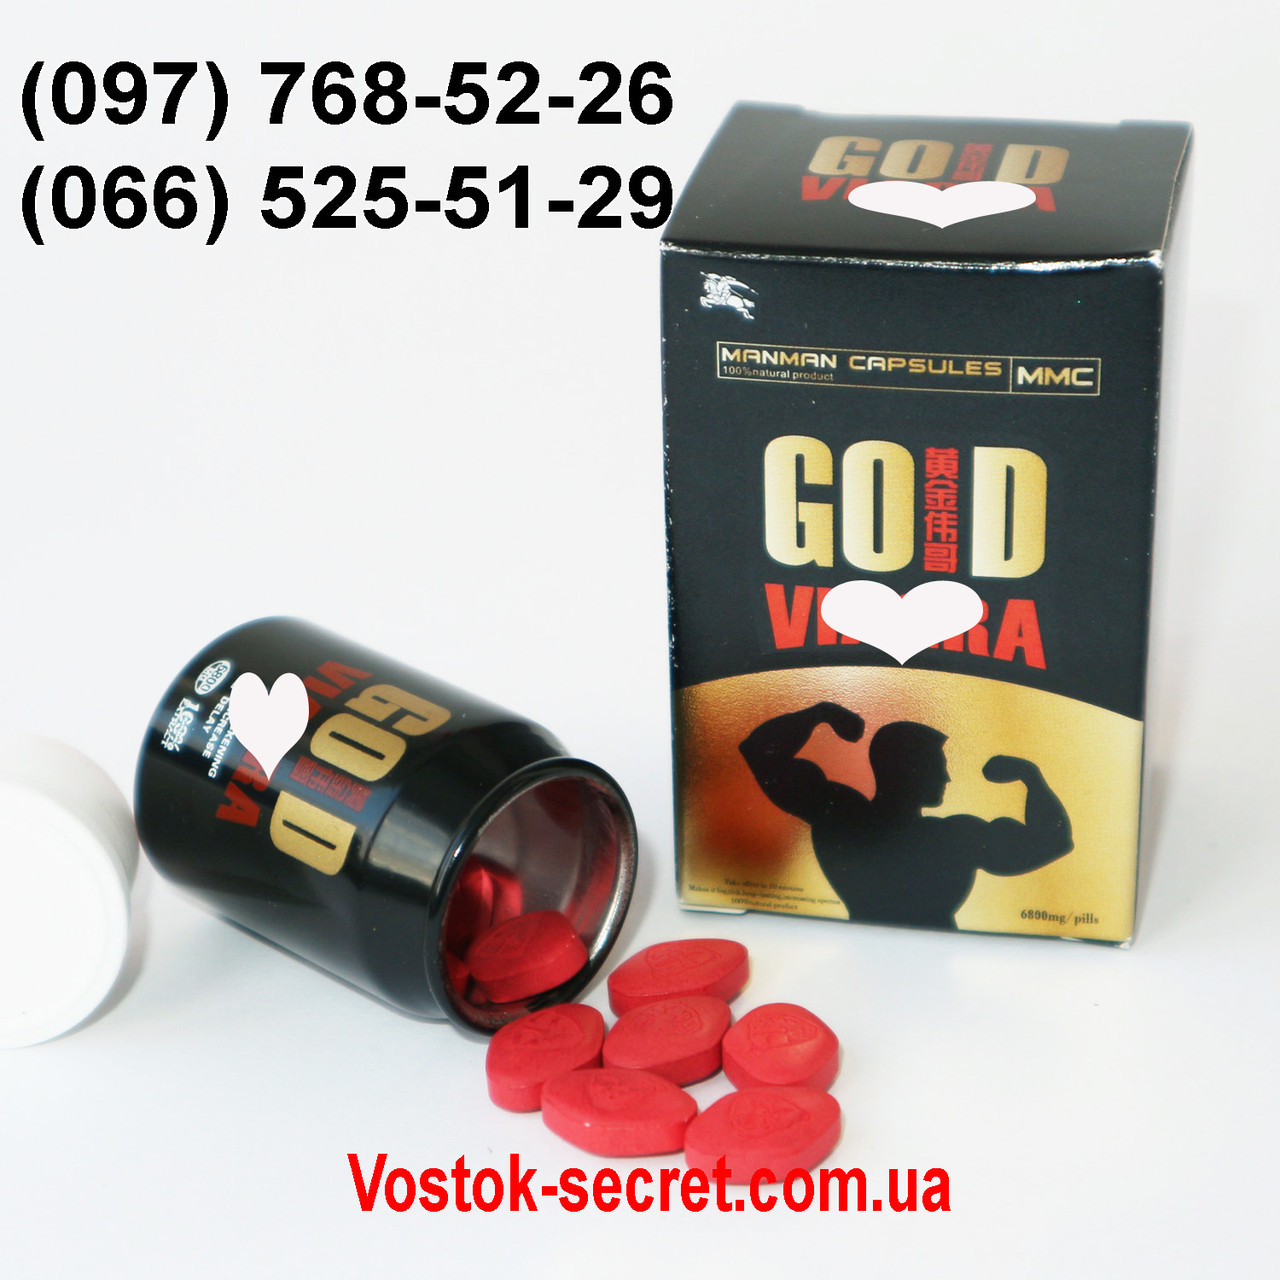 Таблетки для потенции Gold Vi@gra... 10табл